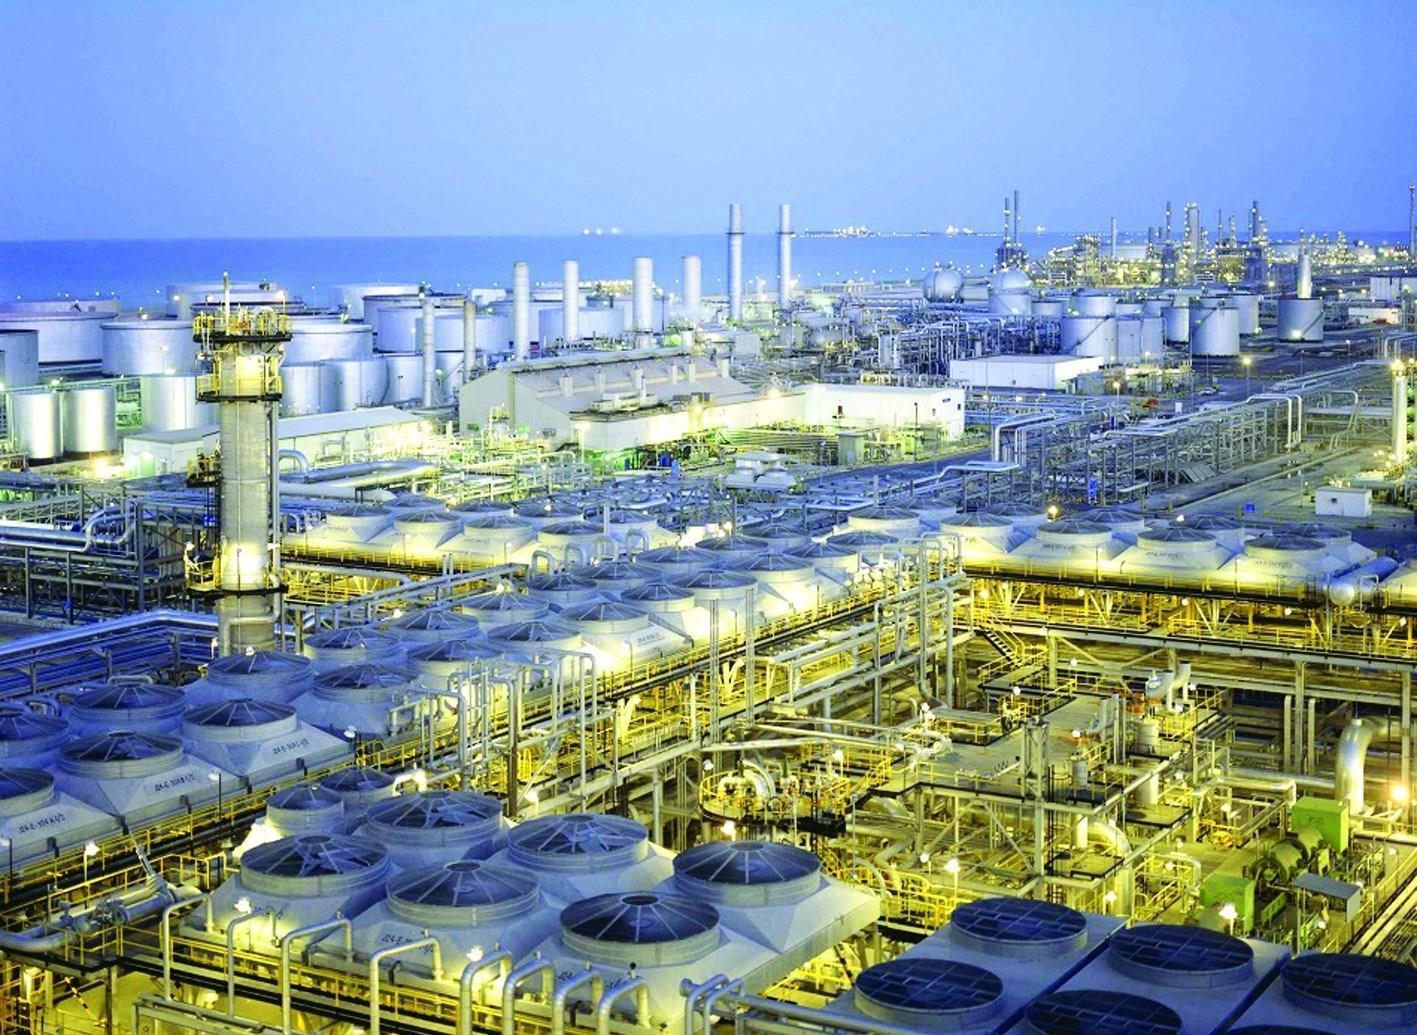 استثمار - مجلس الاستدامة في منظومة الصناعة